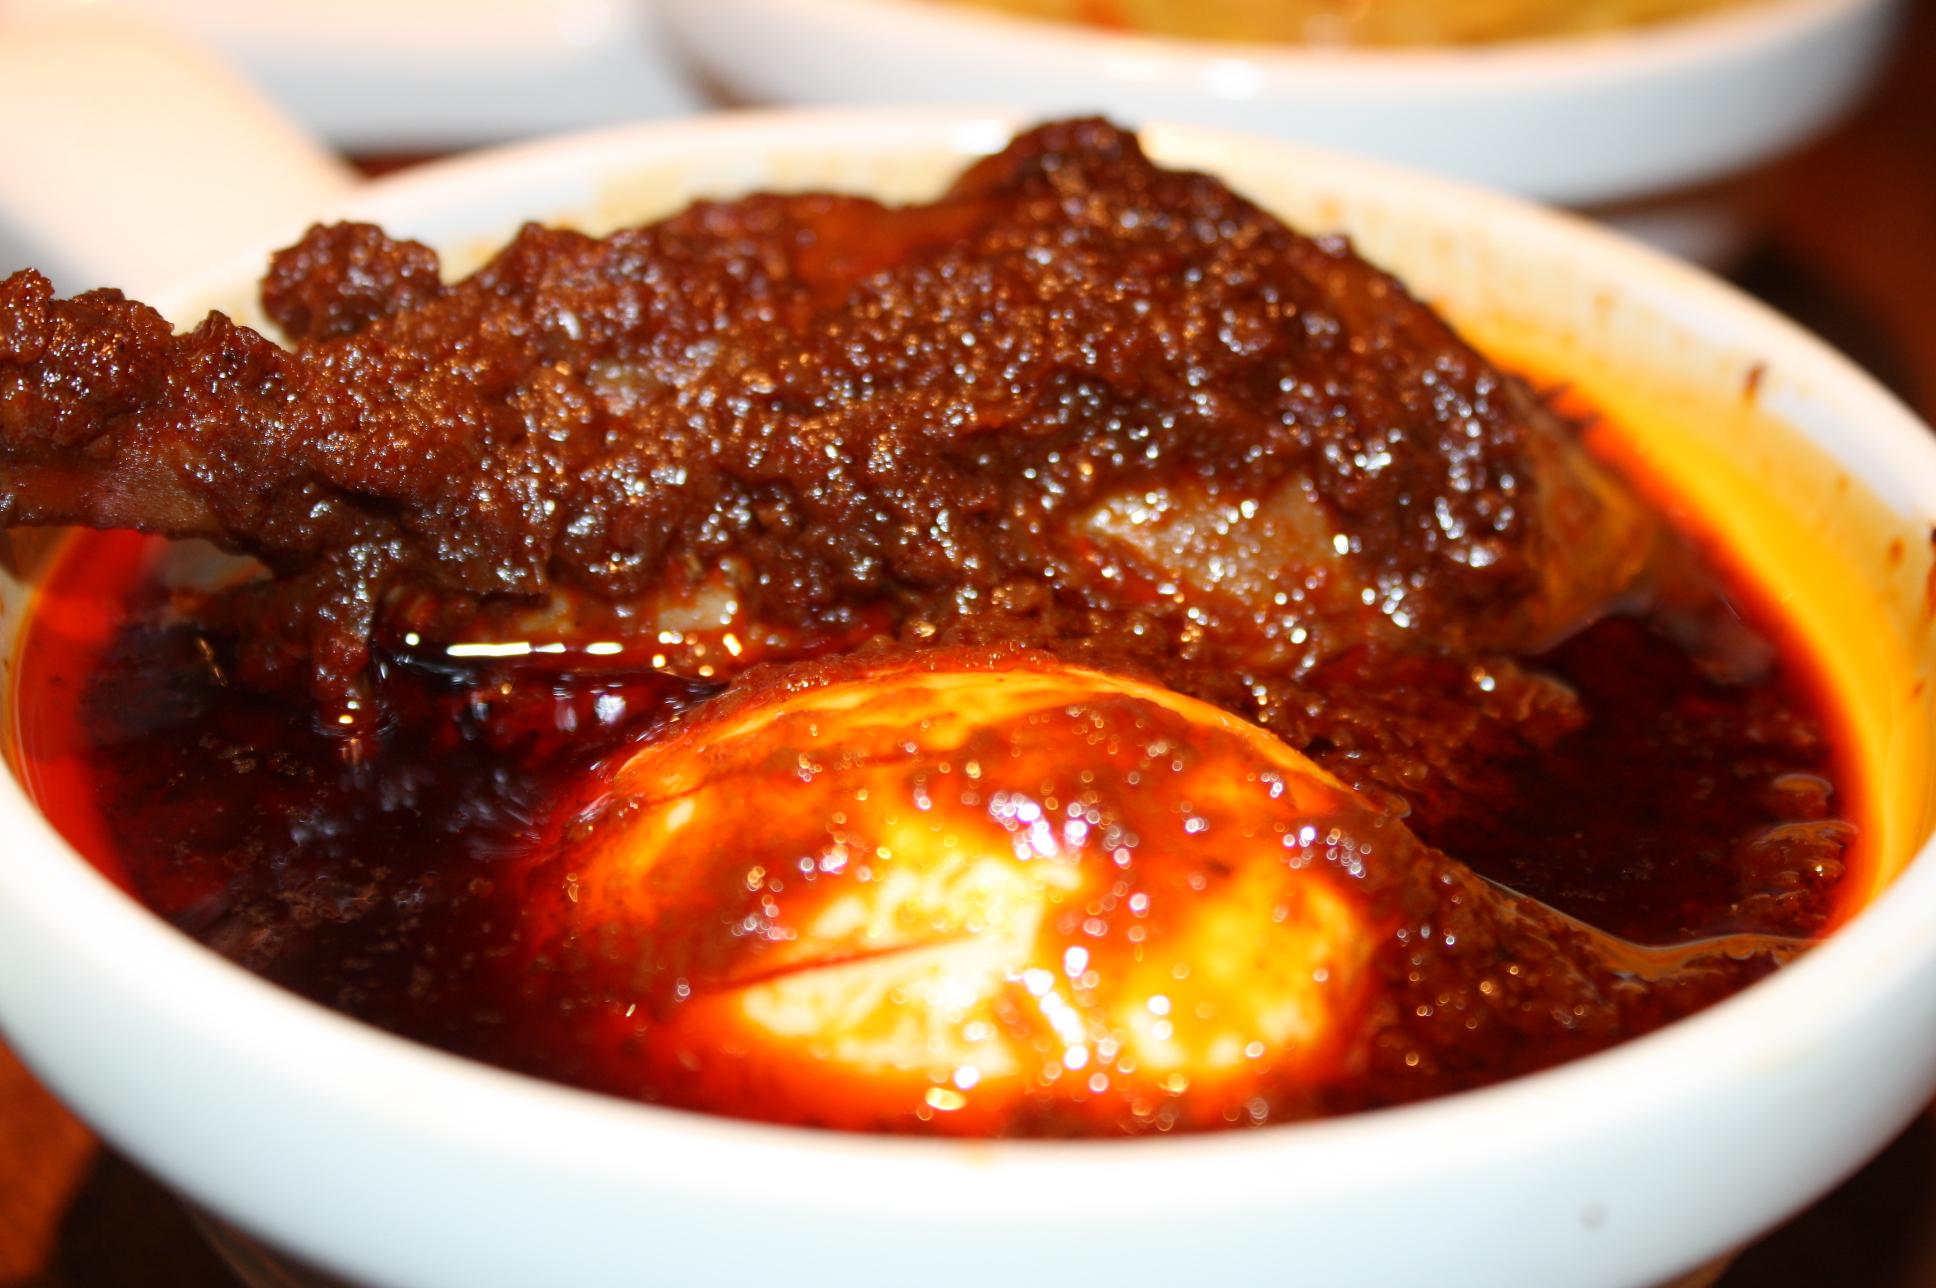 የዶሮ ወጥ | YeDoRo WoT (Chicken) @ Benyam Ethiopian Cuisine